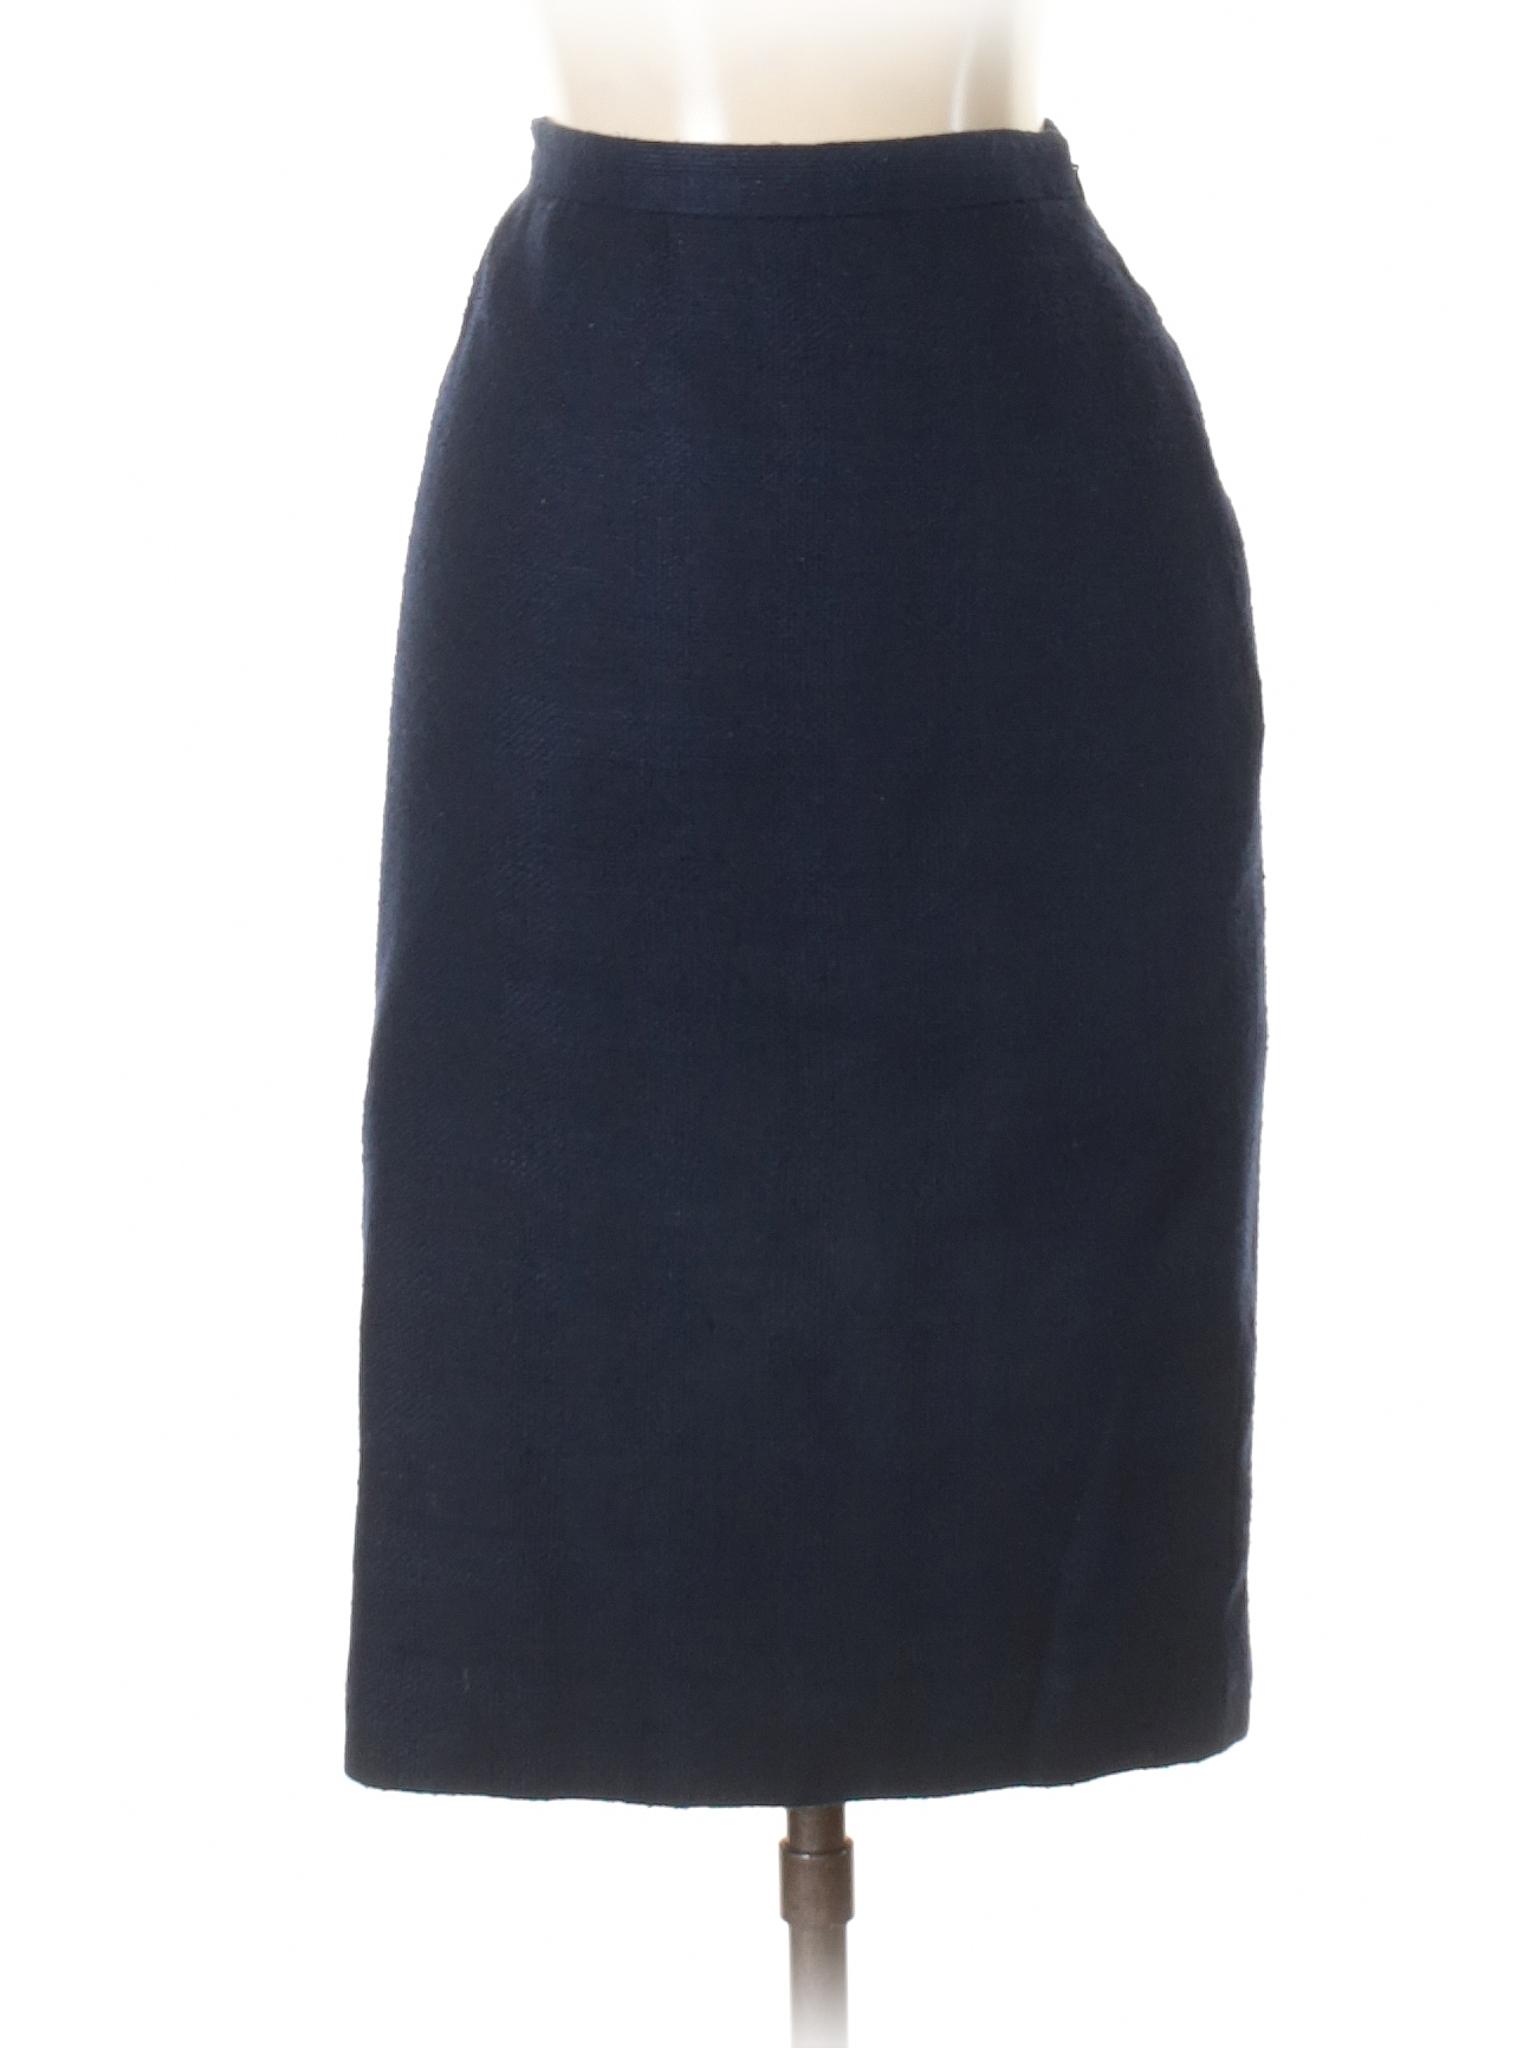 Boutique Boutique Skirt Boutique Silk Silk Silk Skirt Skirt Boutique BqdBZw